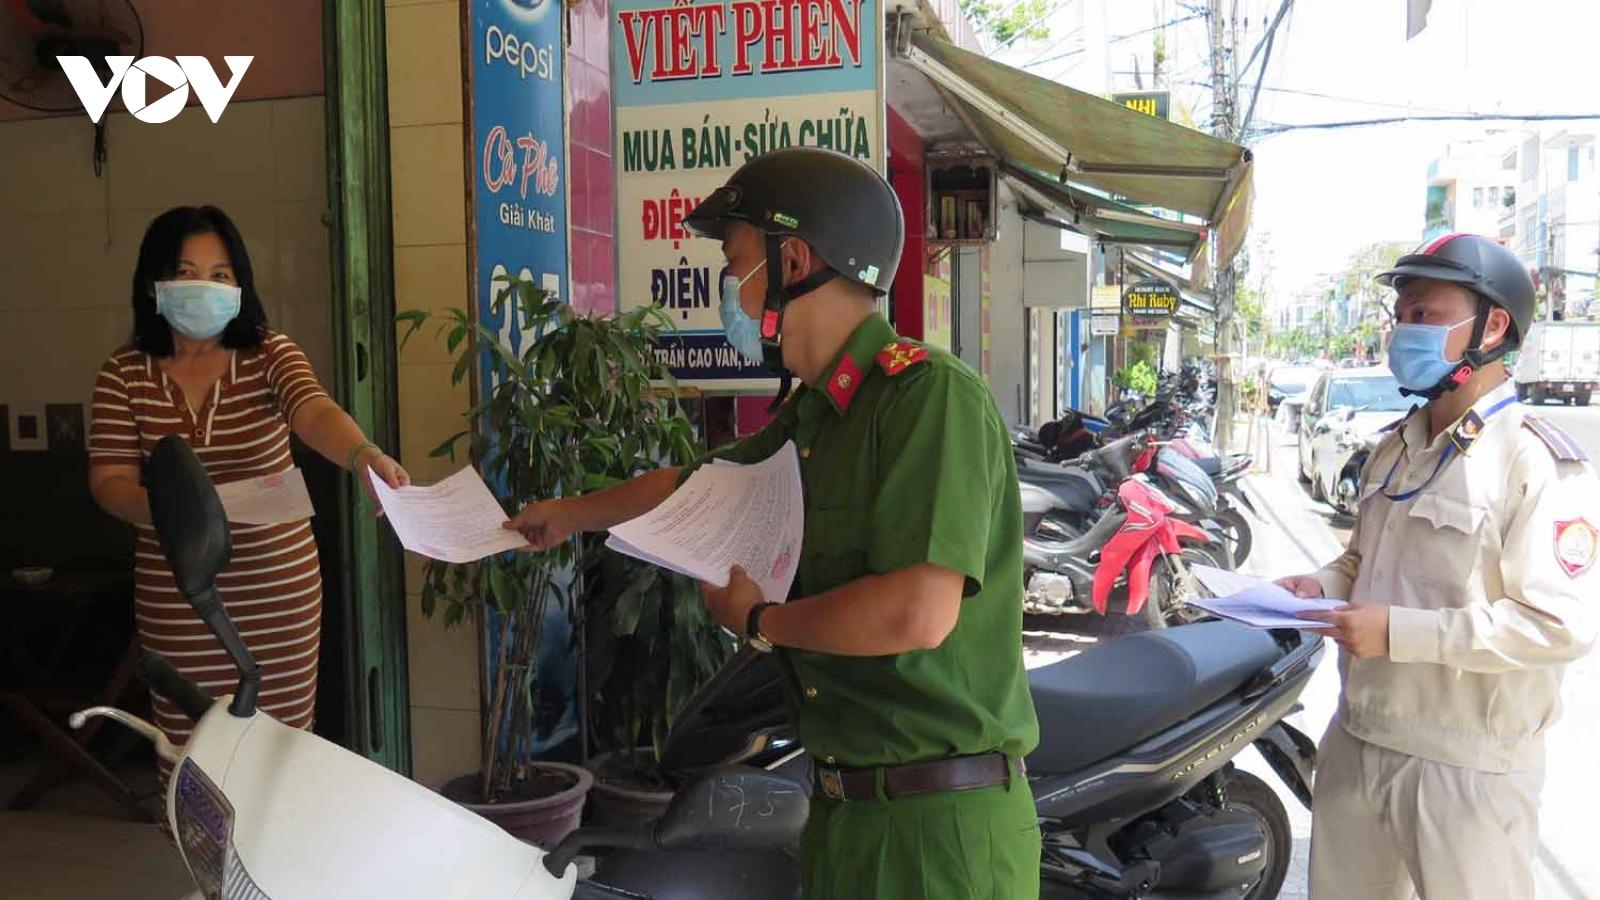 Người dân Đà Nẵng ủng hộ dừng hoạt động cửa hàng dịch vụ ăn uống tại chỗ để phòng dịch